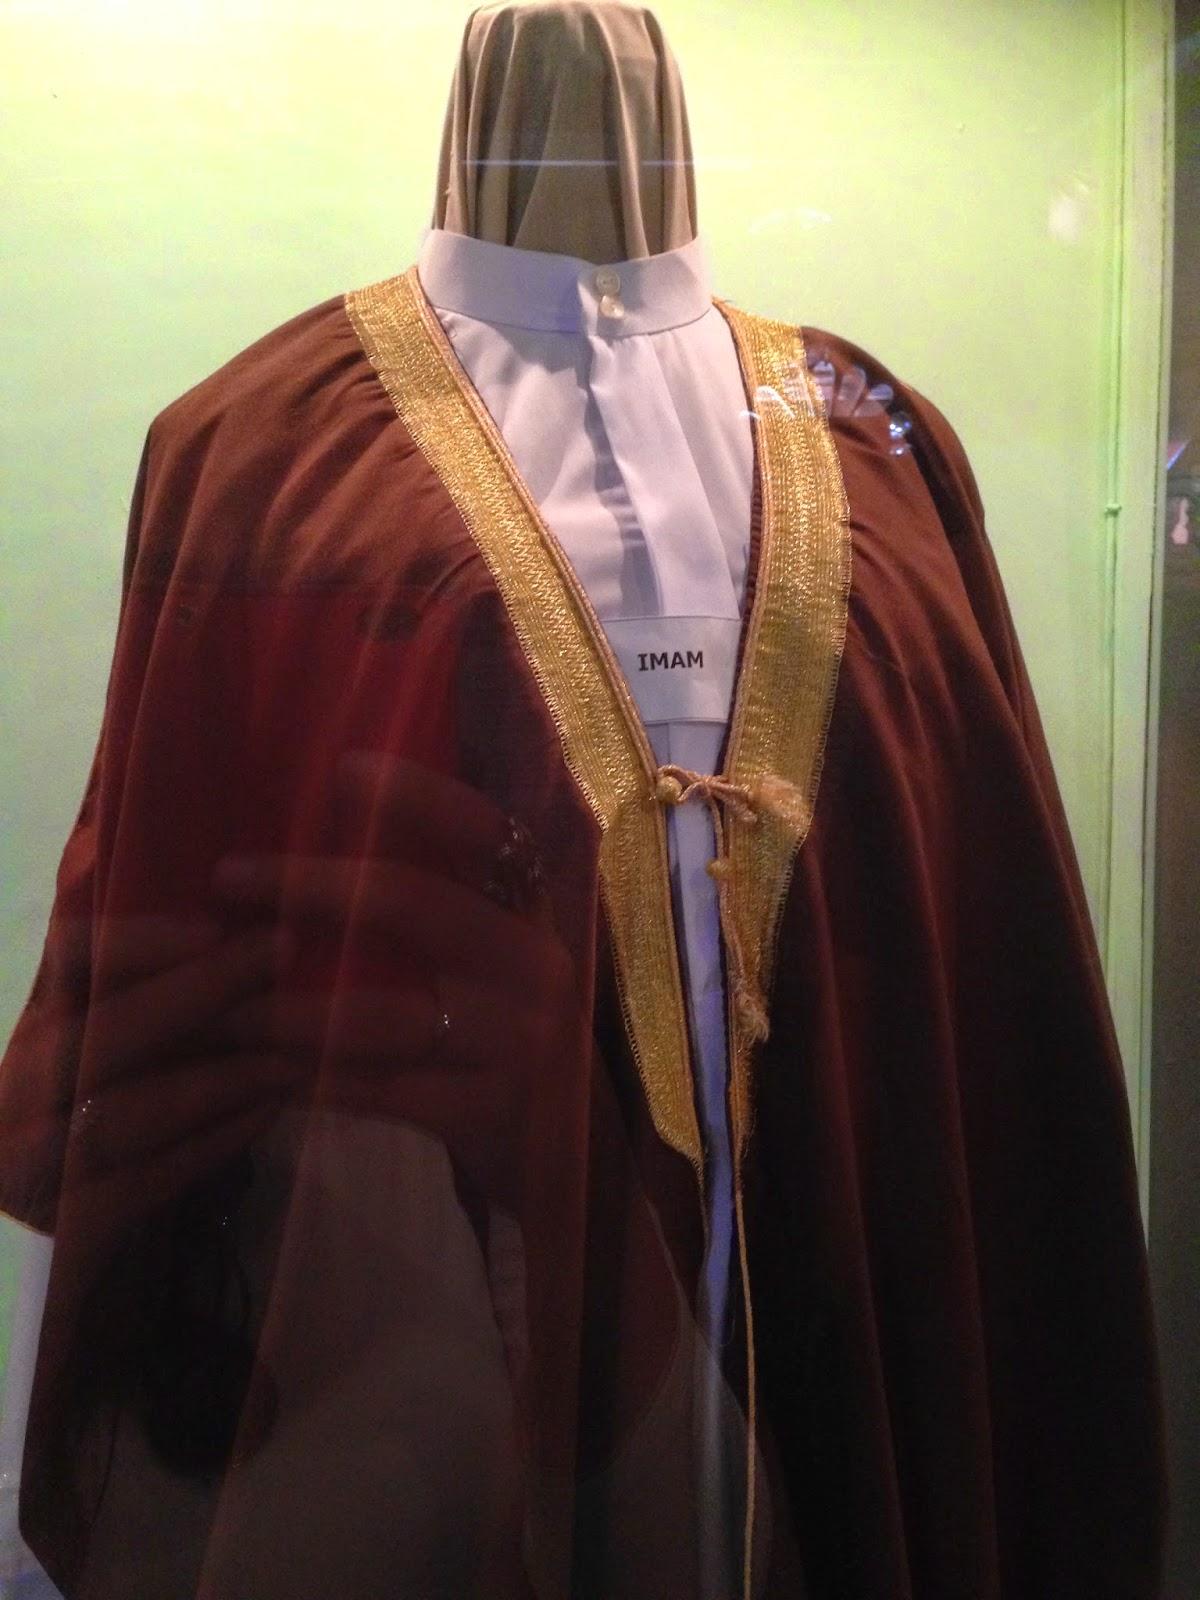 Imam costume in Muzium Islam